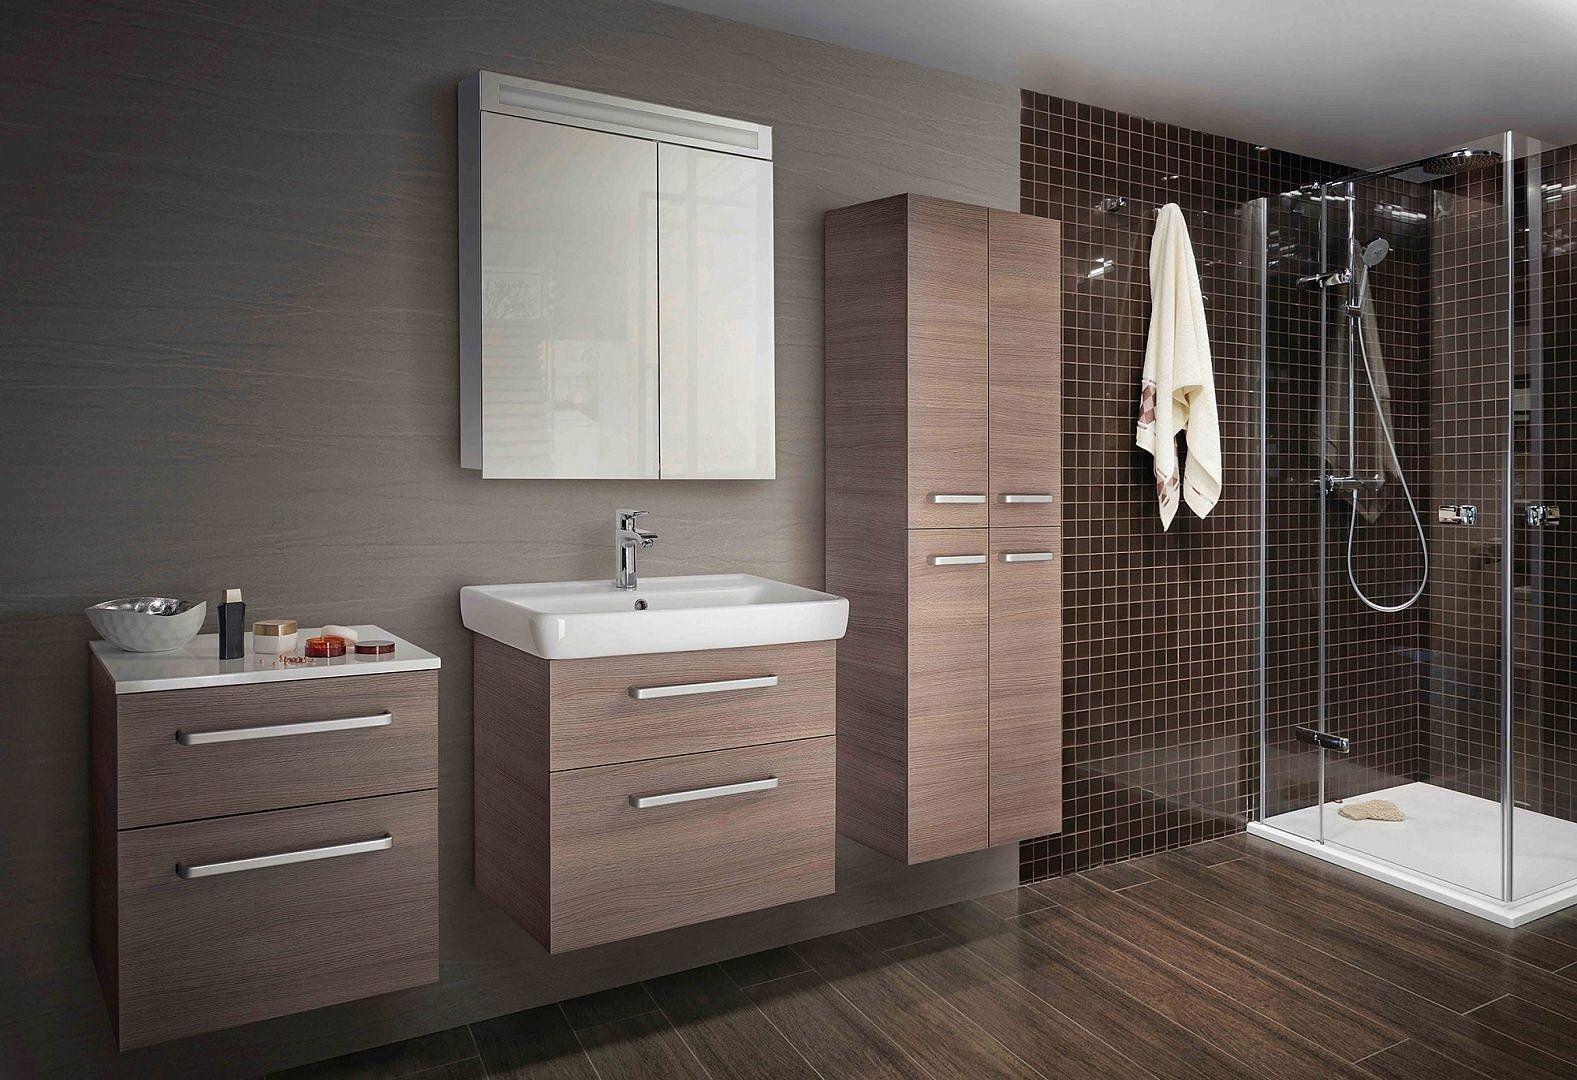 Тумбочка для ванной комнаты без раковины